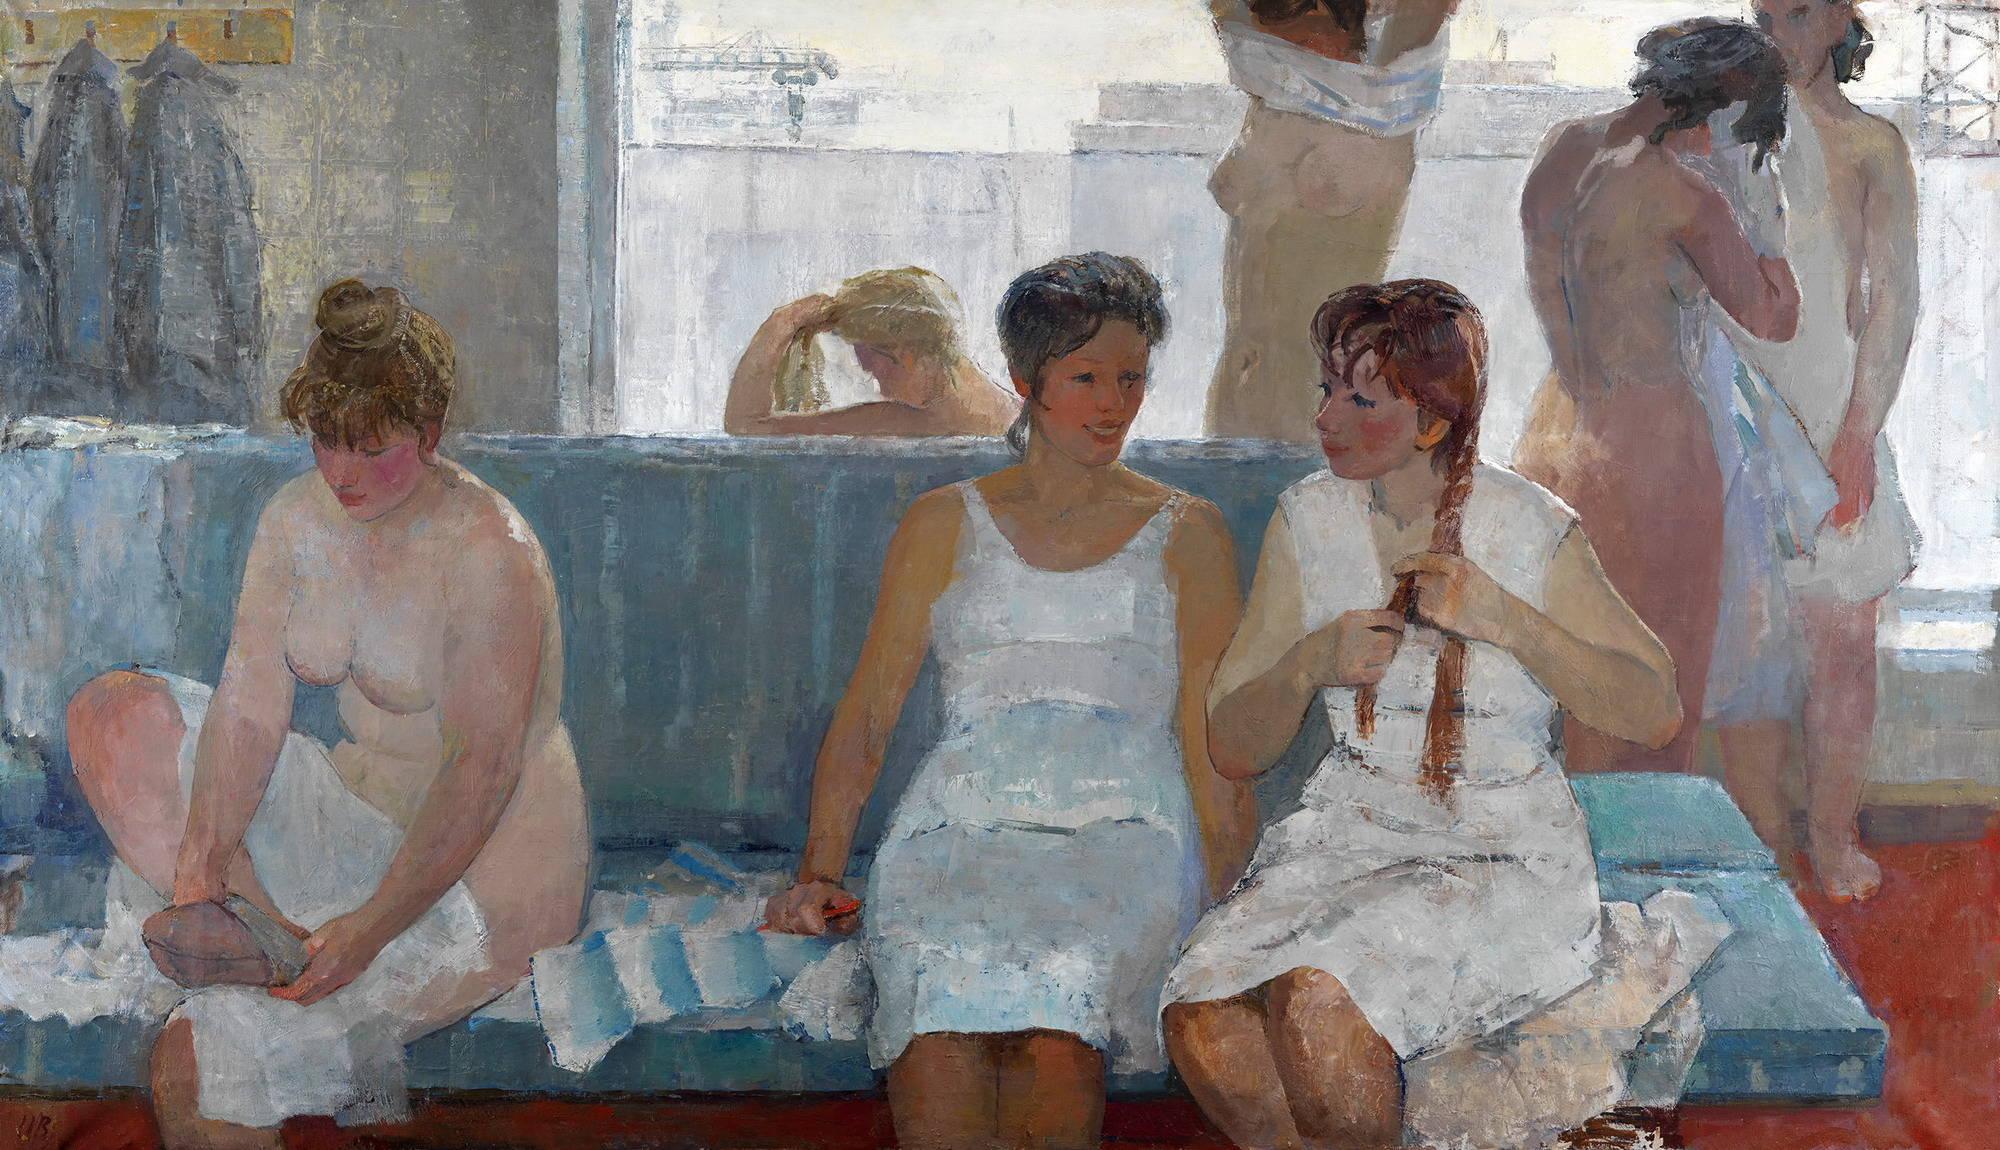 Эротика в советском искусстве 18 фотография